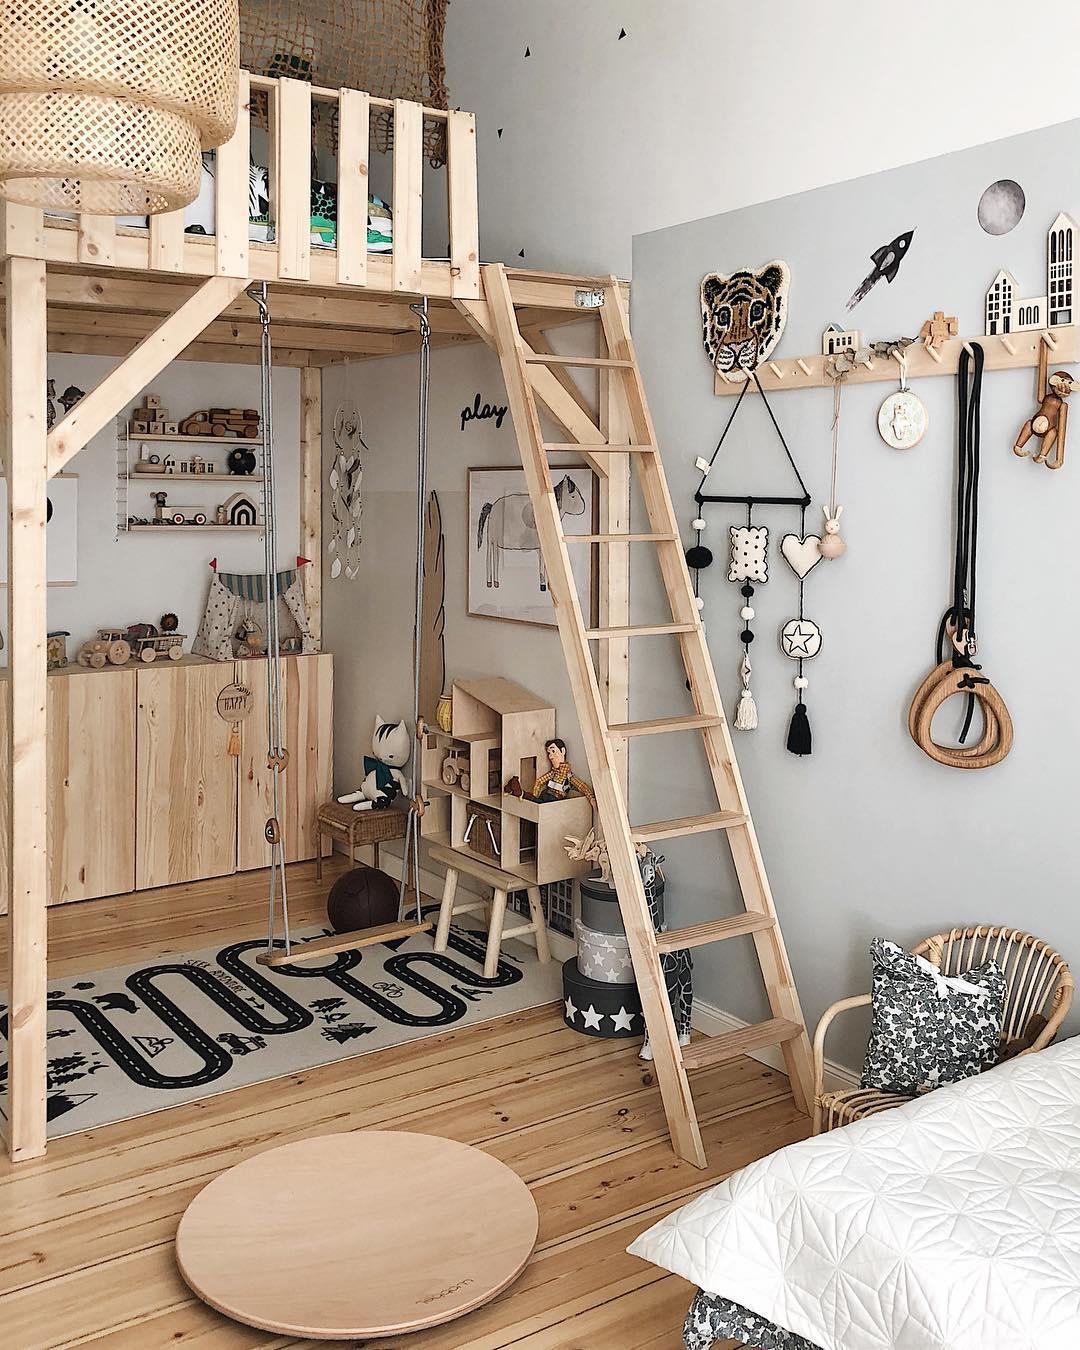 couleur pastel chambre mezzanine bois tapis jeu lit parquet balançoire meuble - blog déco - clem around the corner